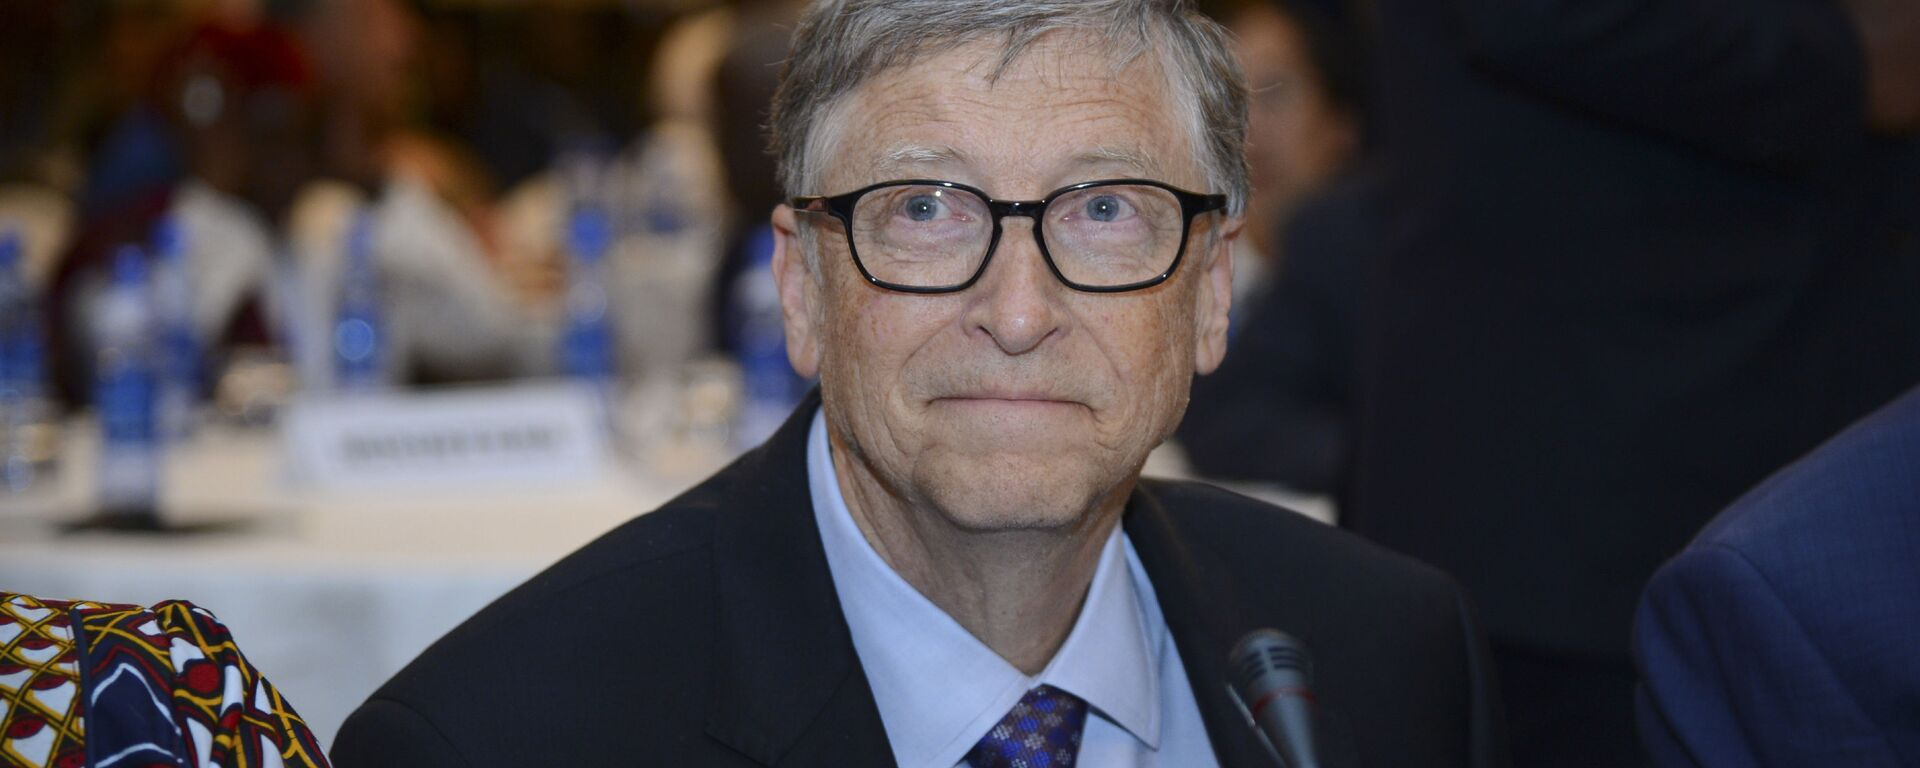 Bill Gates, presidente della 'Bill & Melinda Gates Foundation', partecipa all'Africa Leadership Meeting - Investing in Health Outcomes tenutosi in un hotel di Addis Abeba, in Etiopia, 9 febbraio 2019.  - Sputnik Italia, 1920, 08.02.2021